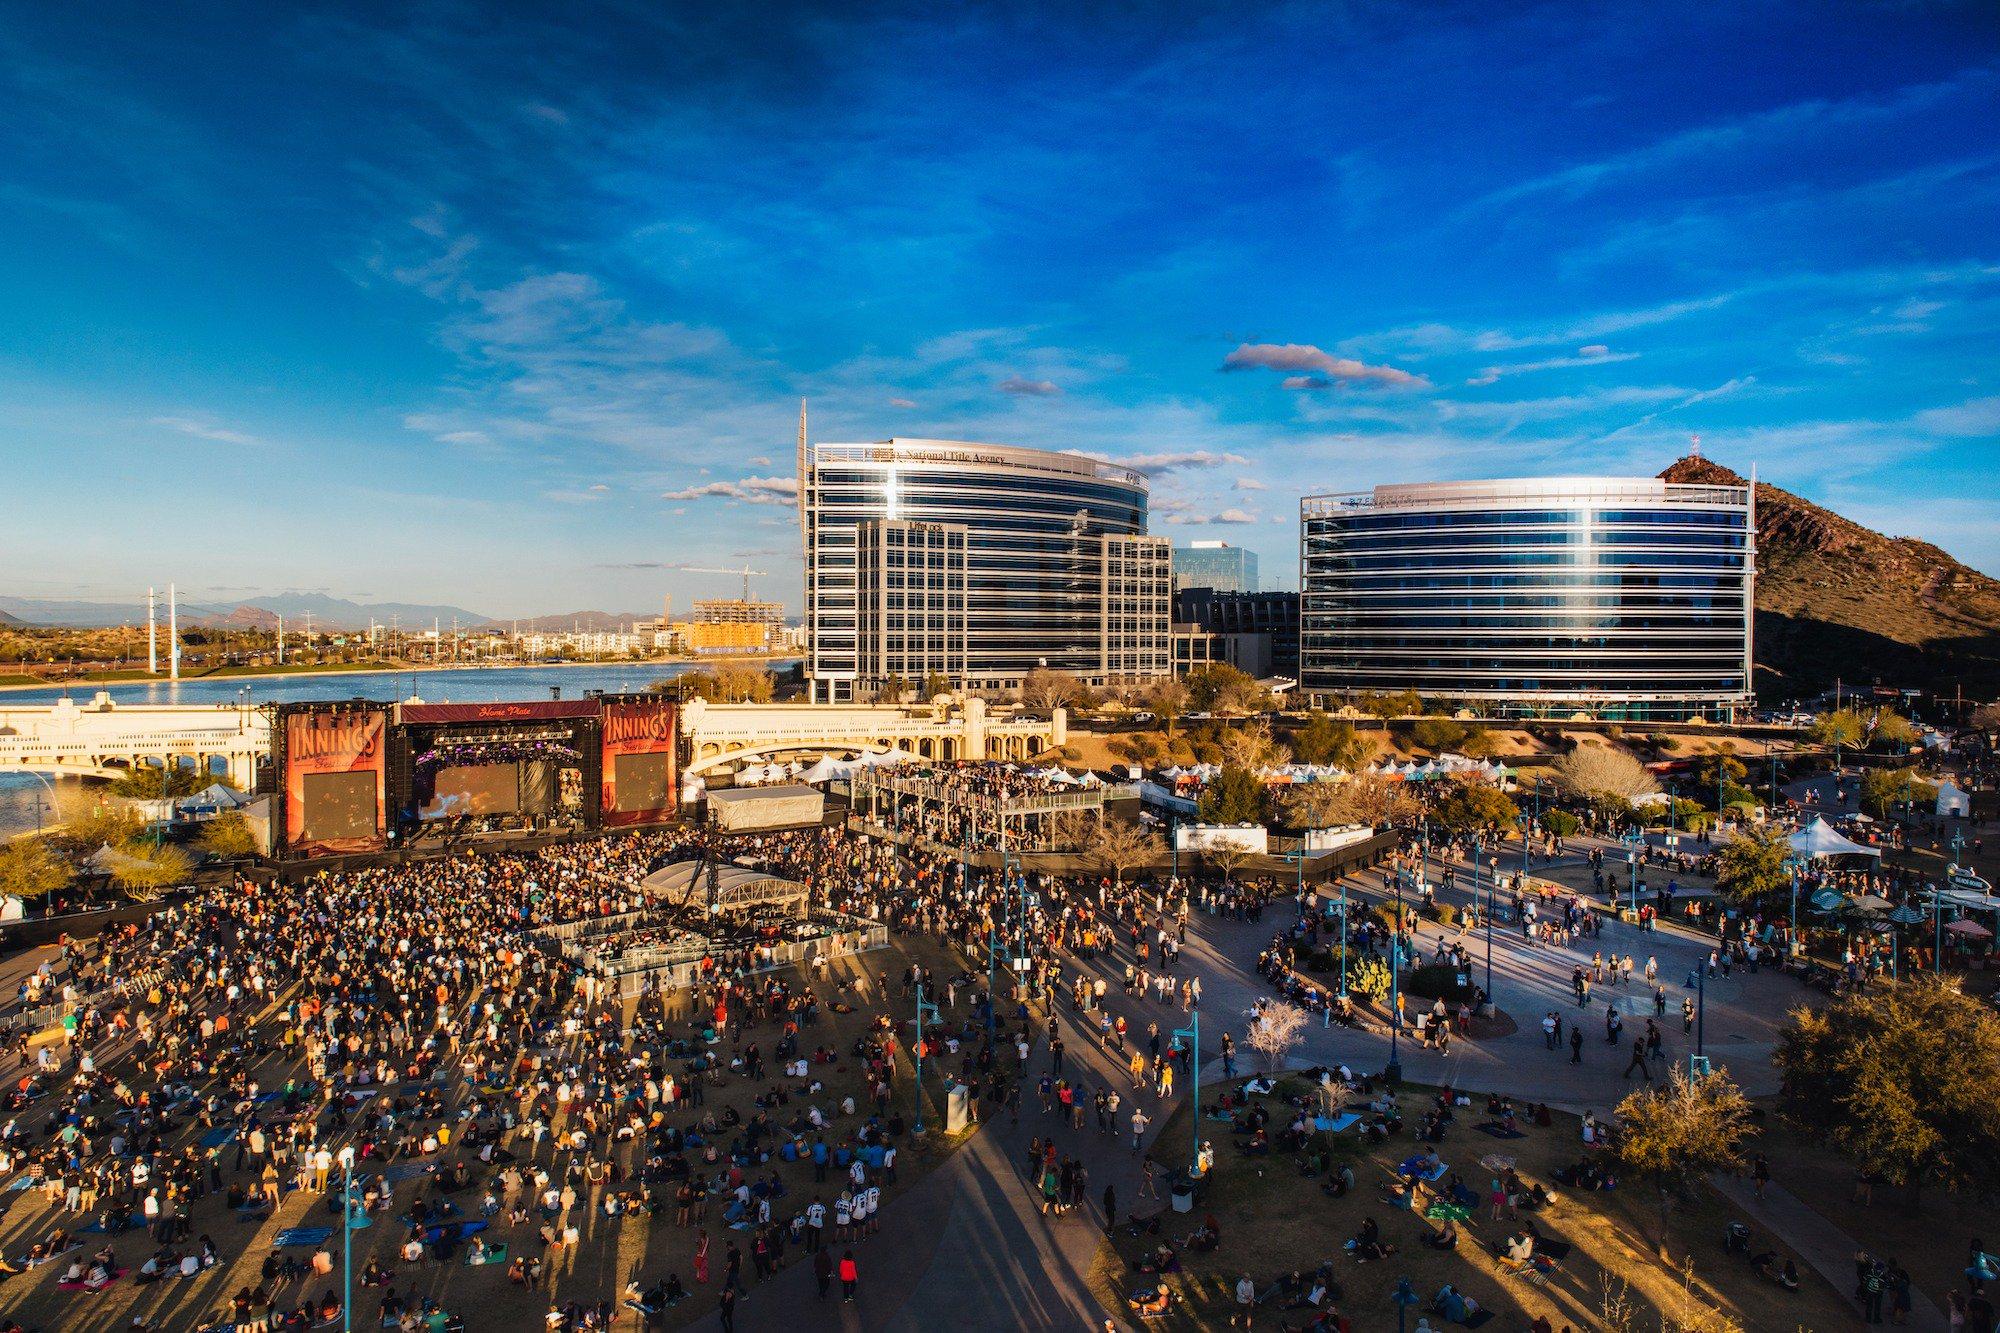 Innings Festival 2021